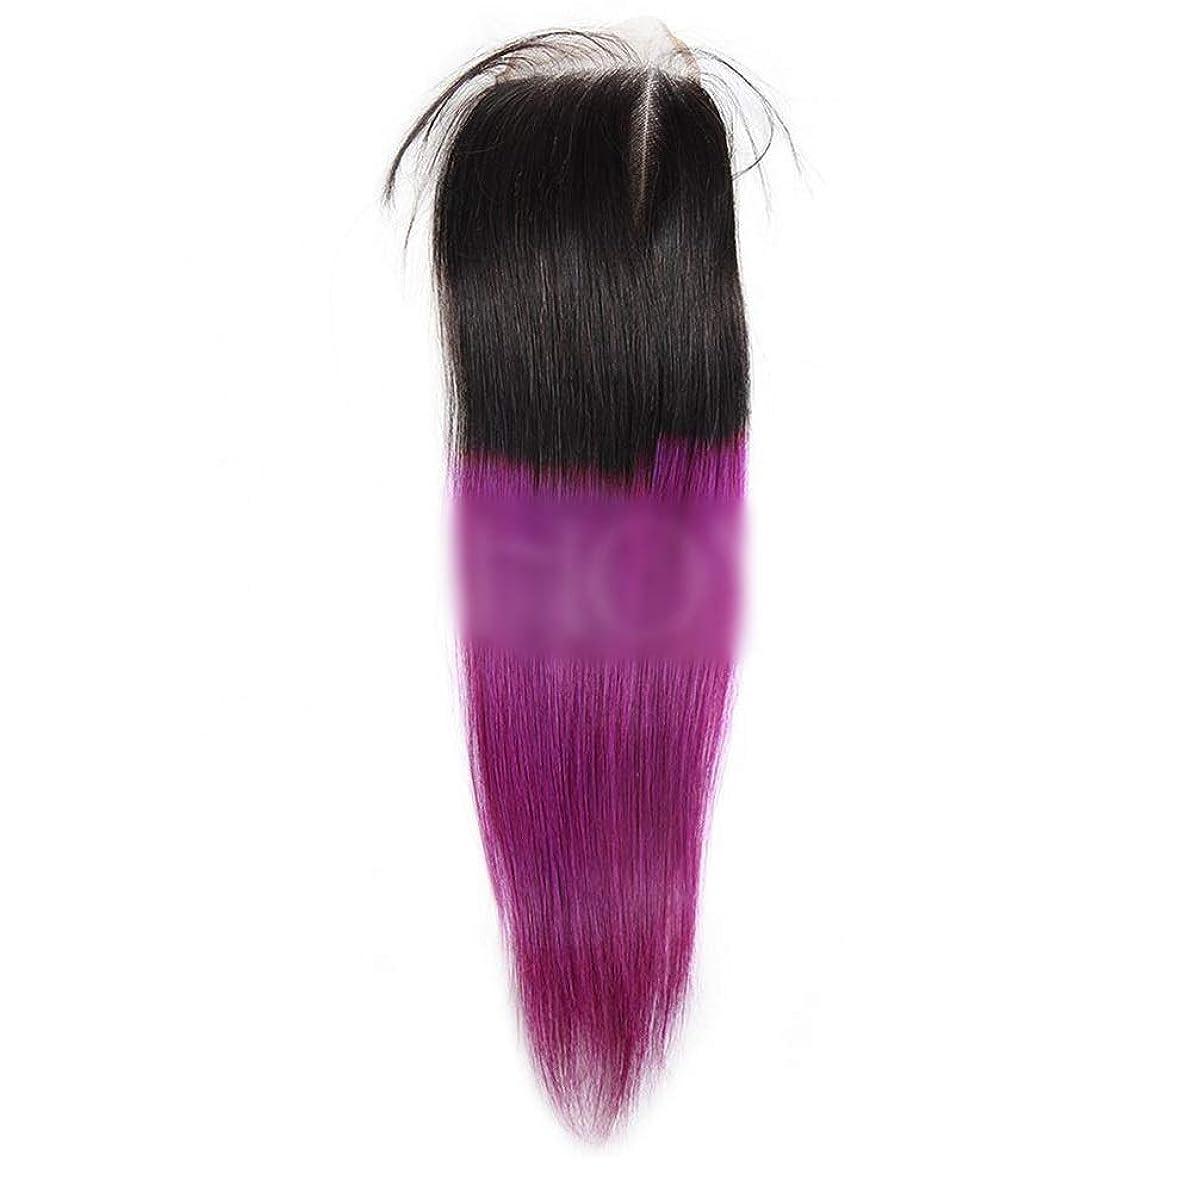 注文スリーブ登録するHOHYLLYA 100%人間の髪の毛のブラジルストレートヘアトリートメント前頭閉鎖T1B /パープル2トーンカラーロールプレイングかつら女性のかつら (色 : Closure, サイズ : 12 inch)